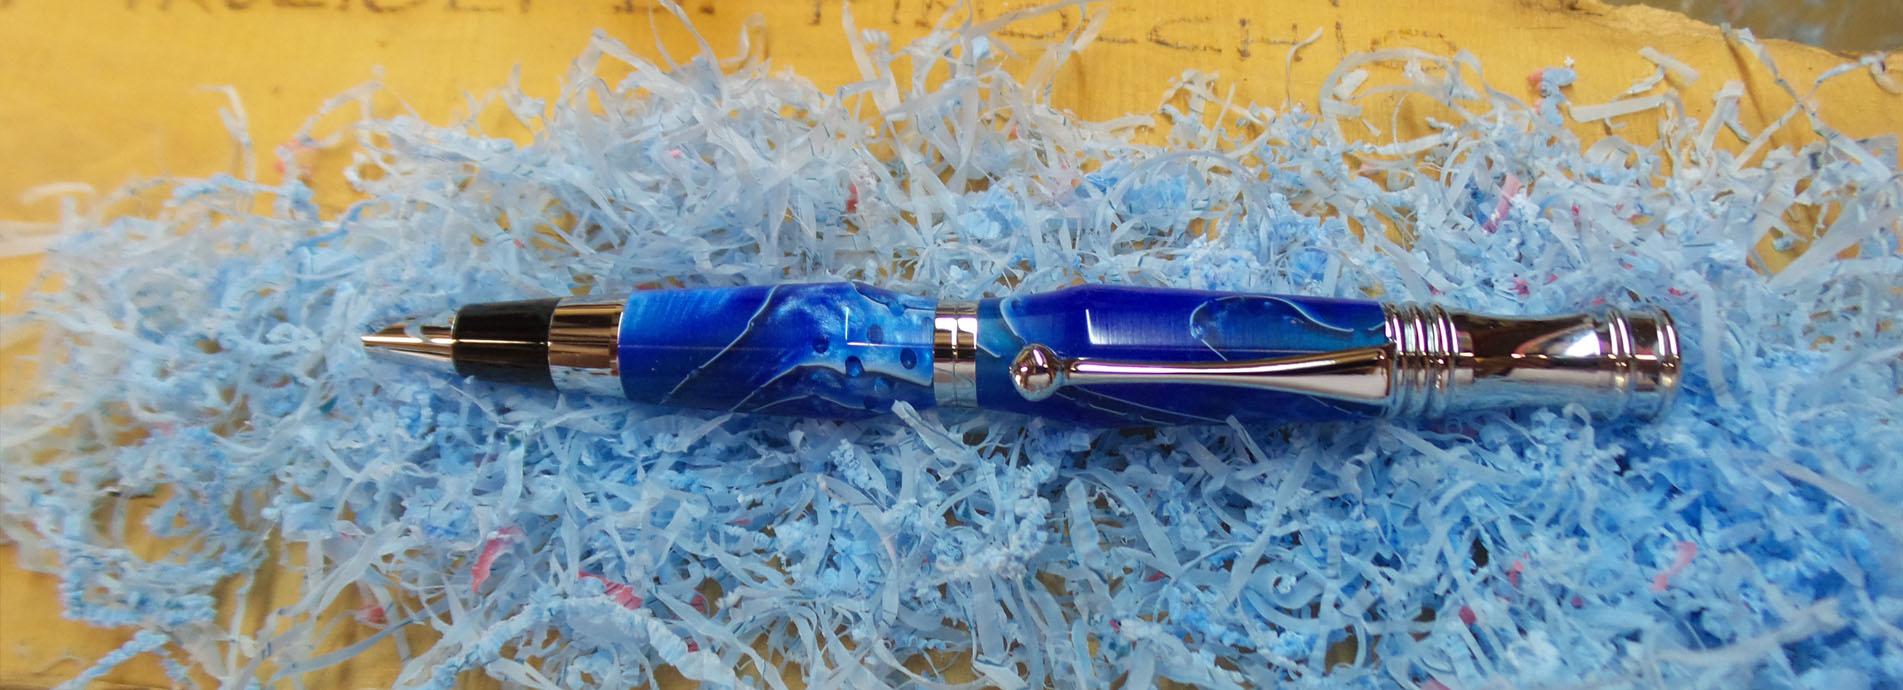 manuel-penne-artigianali-2